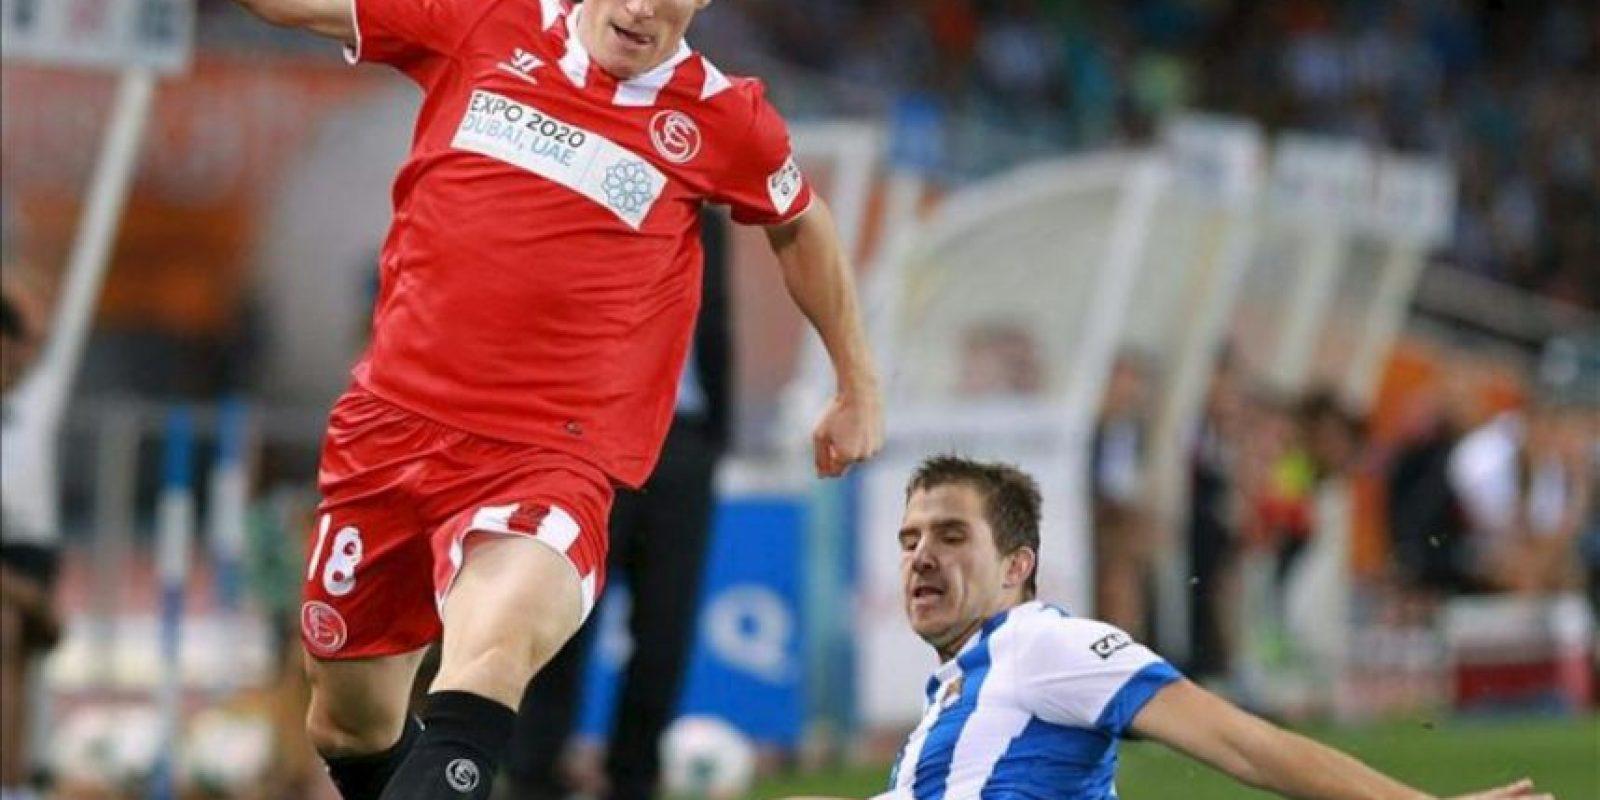 El delantero francés del Sevilla Kevin Gameiro (i) trata de escapar de Íñigo Martínez, de la Real Sociedad, durante el partido correspondiente a la séptima jornada de Liga en Primera División jugado en el estadio de Anoeta, en San Sebastián. EFE